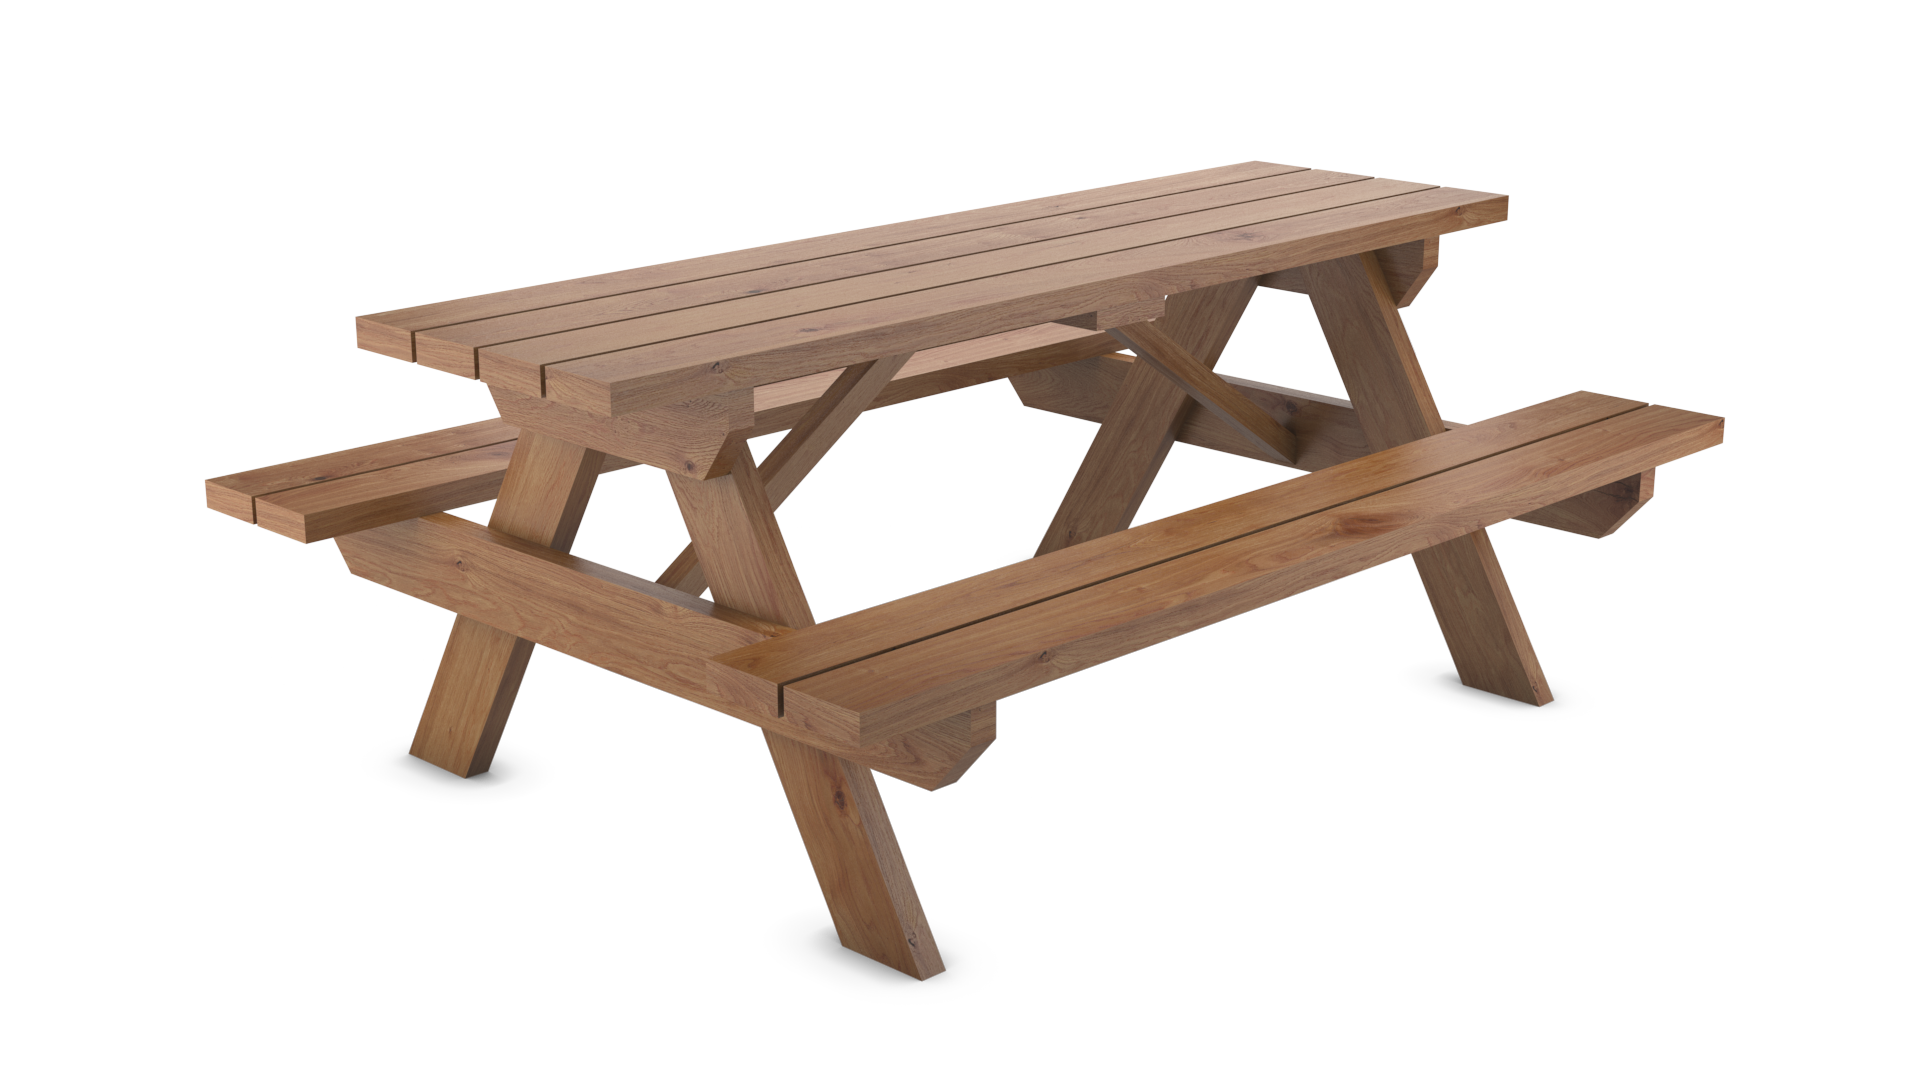 מערכת ישיבה ספיר מעץ למרחב הציבורי Picnic Table Table Home Decor